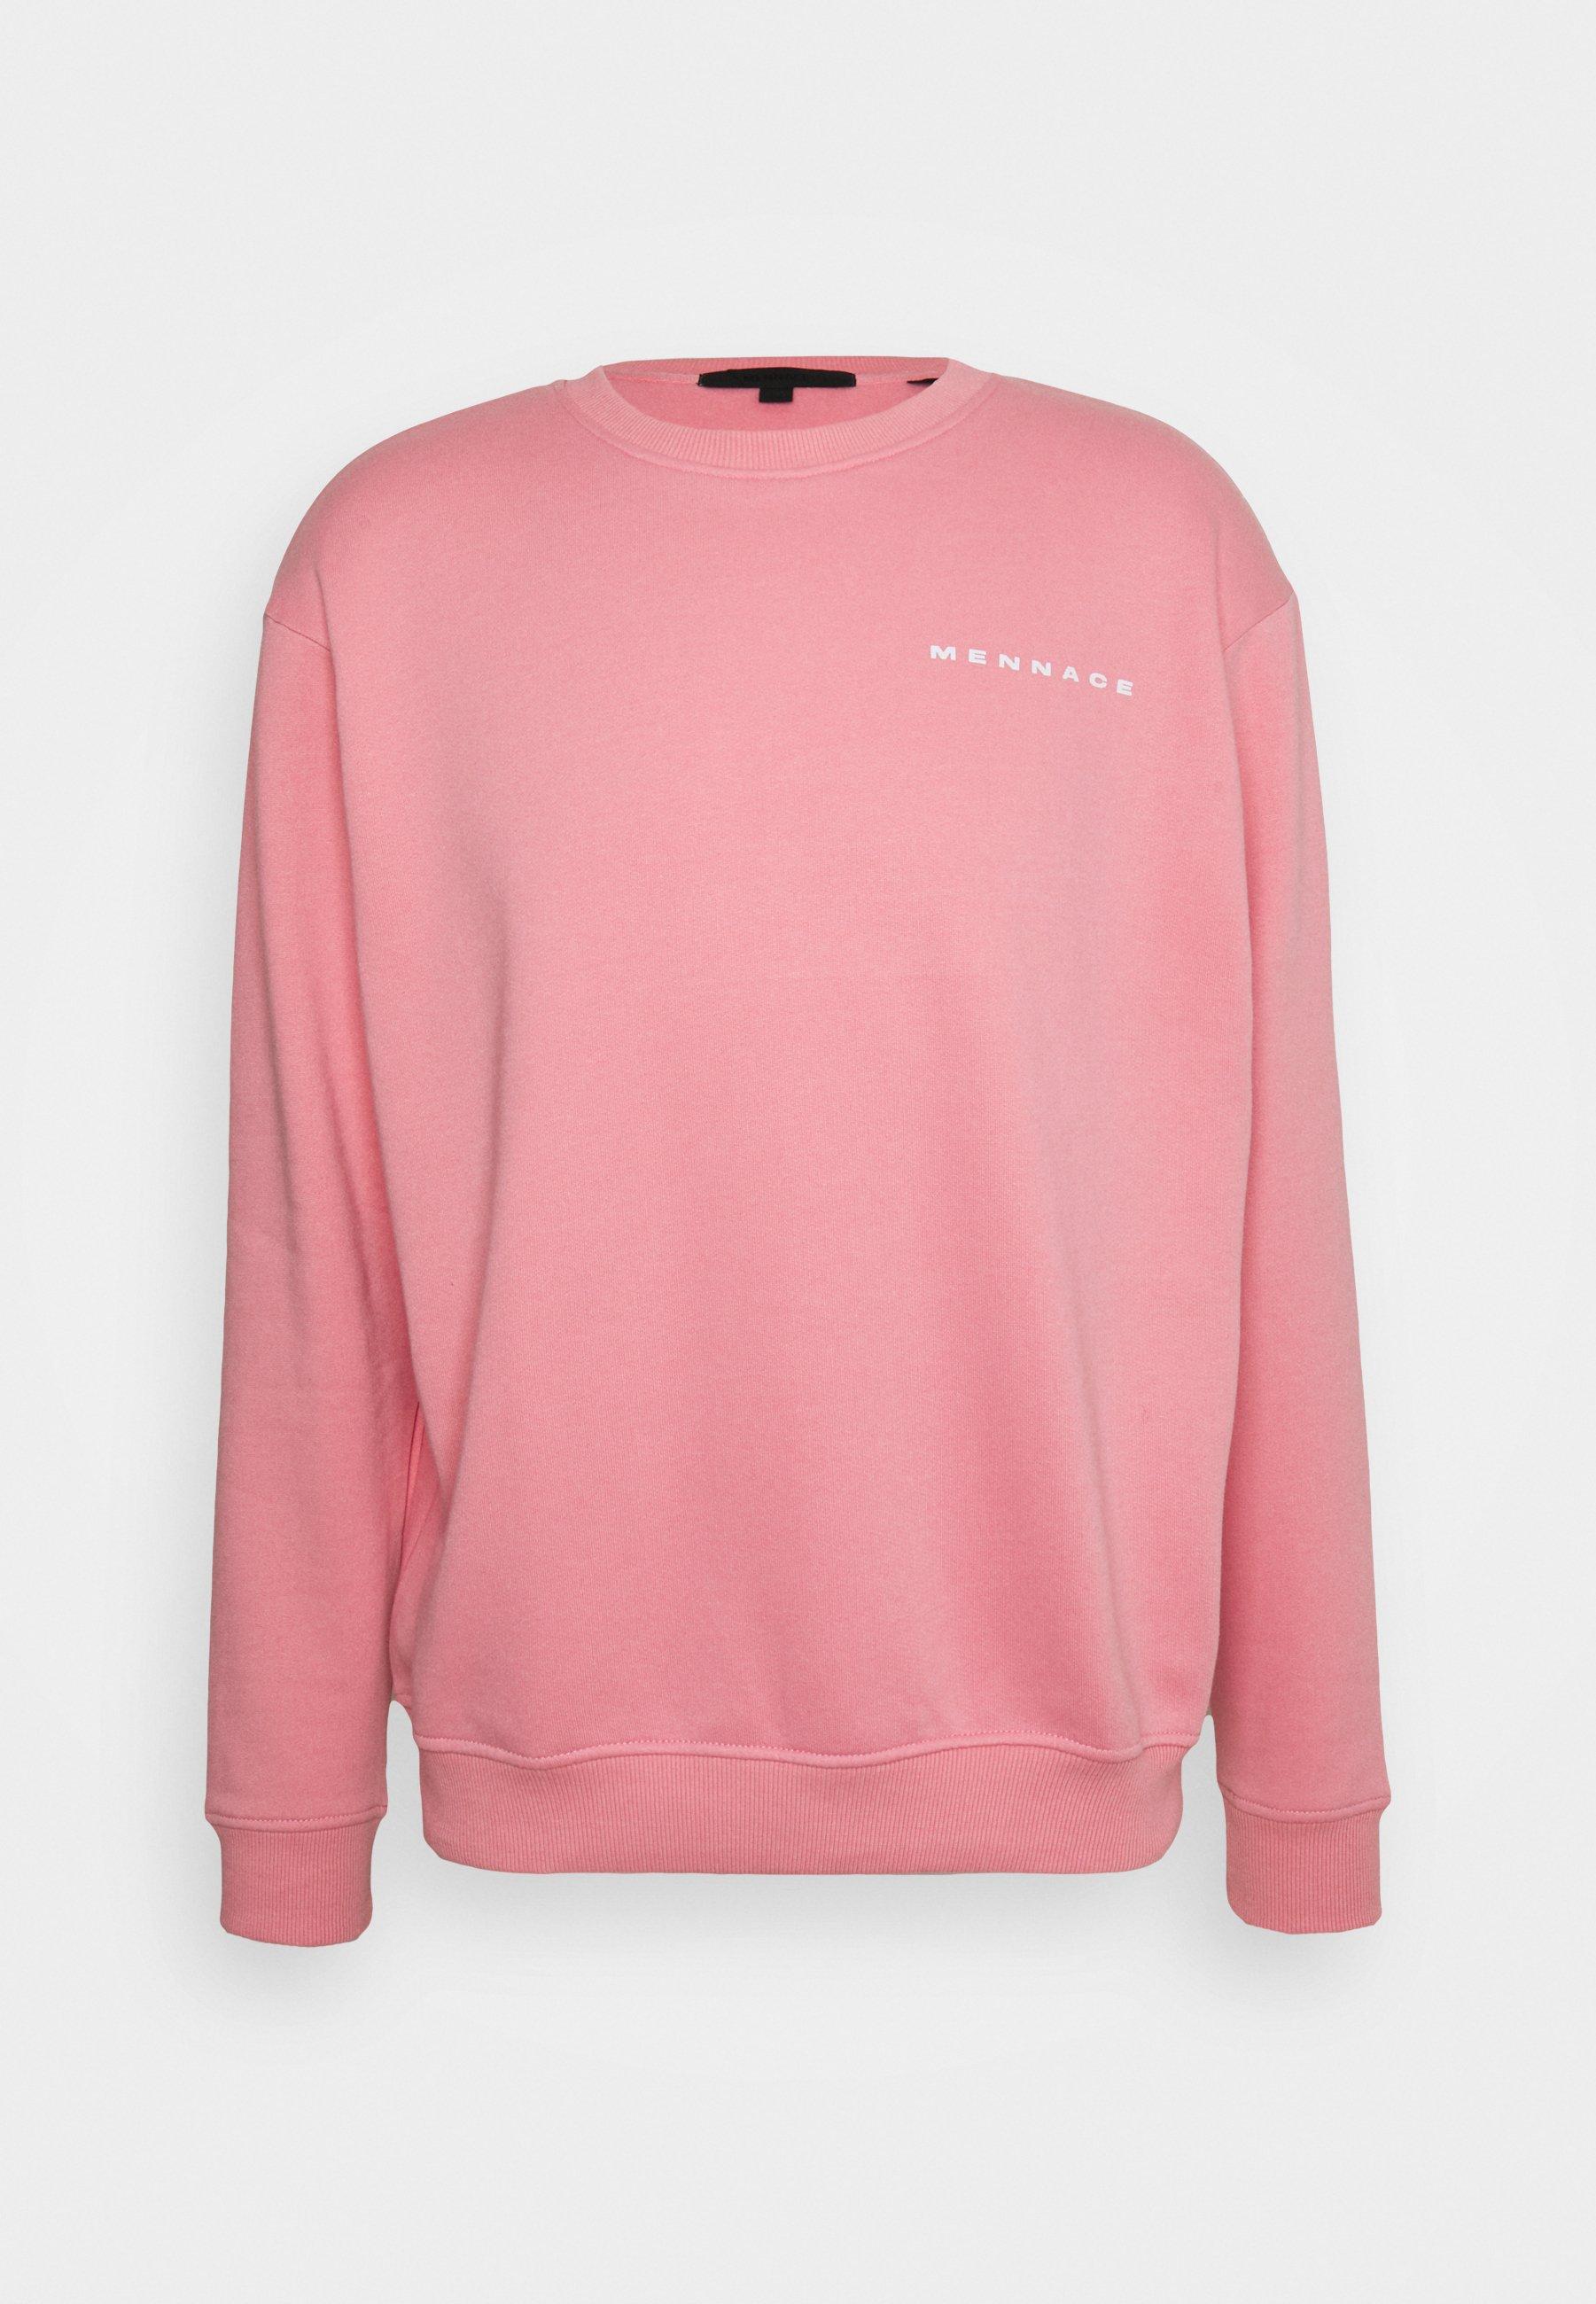 Homme ON THE RUN REGULAR UNISEX - Sweatshirt